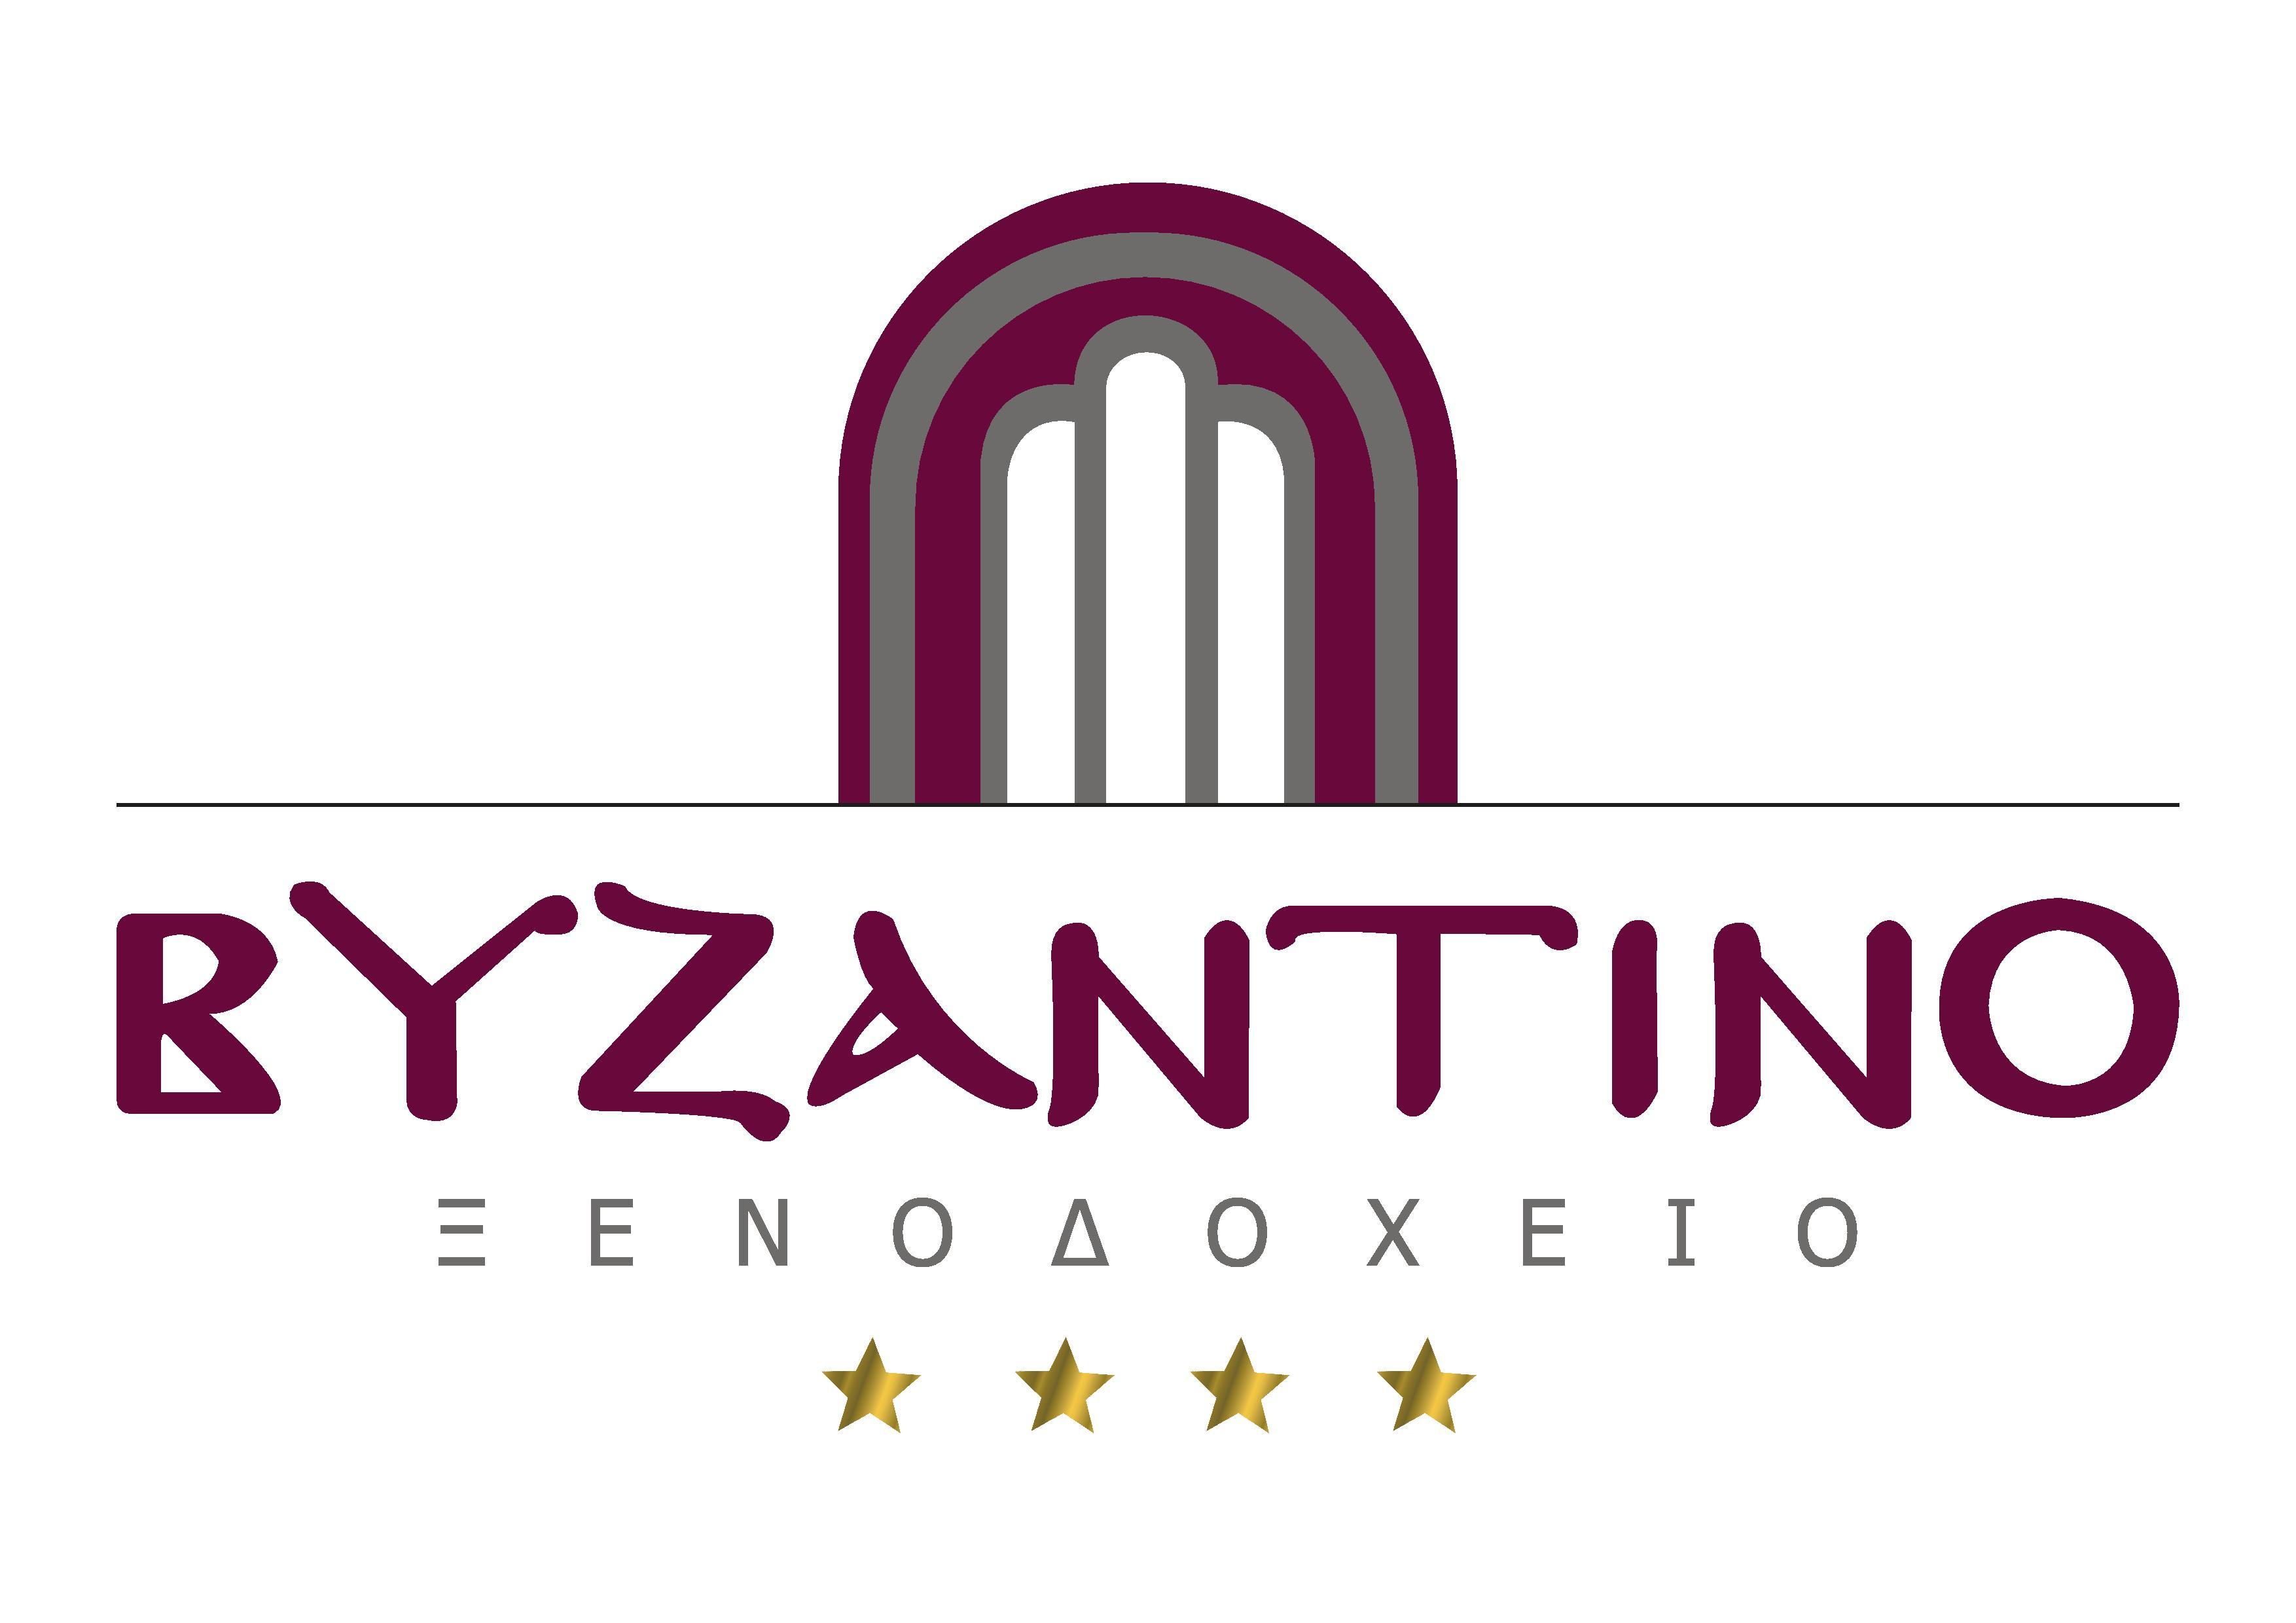 vyzantino_logo